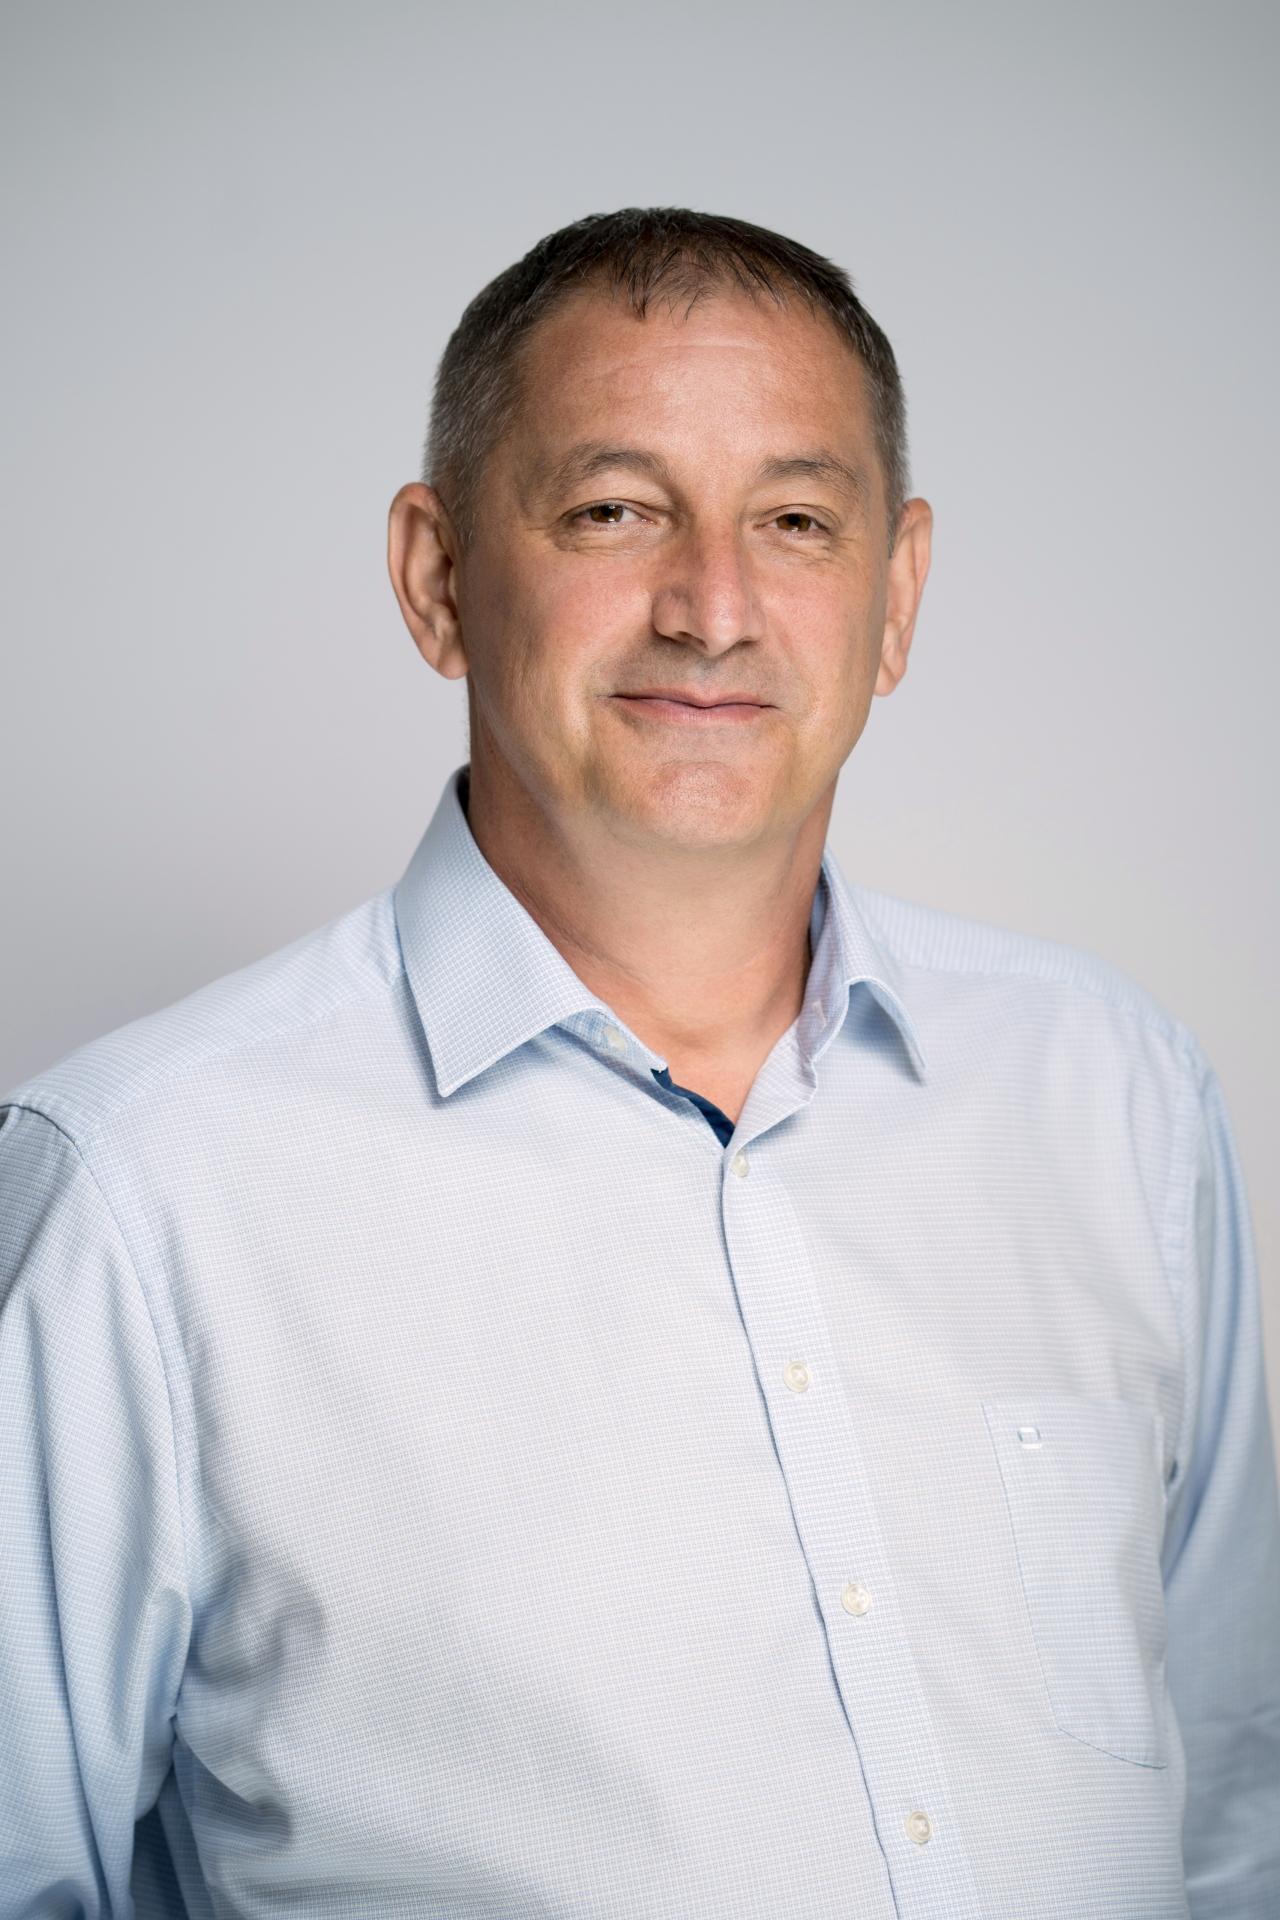 Salkovics Gábor